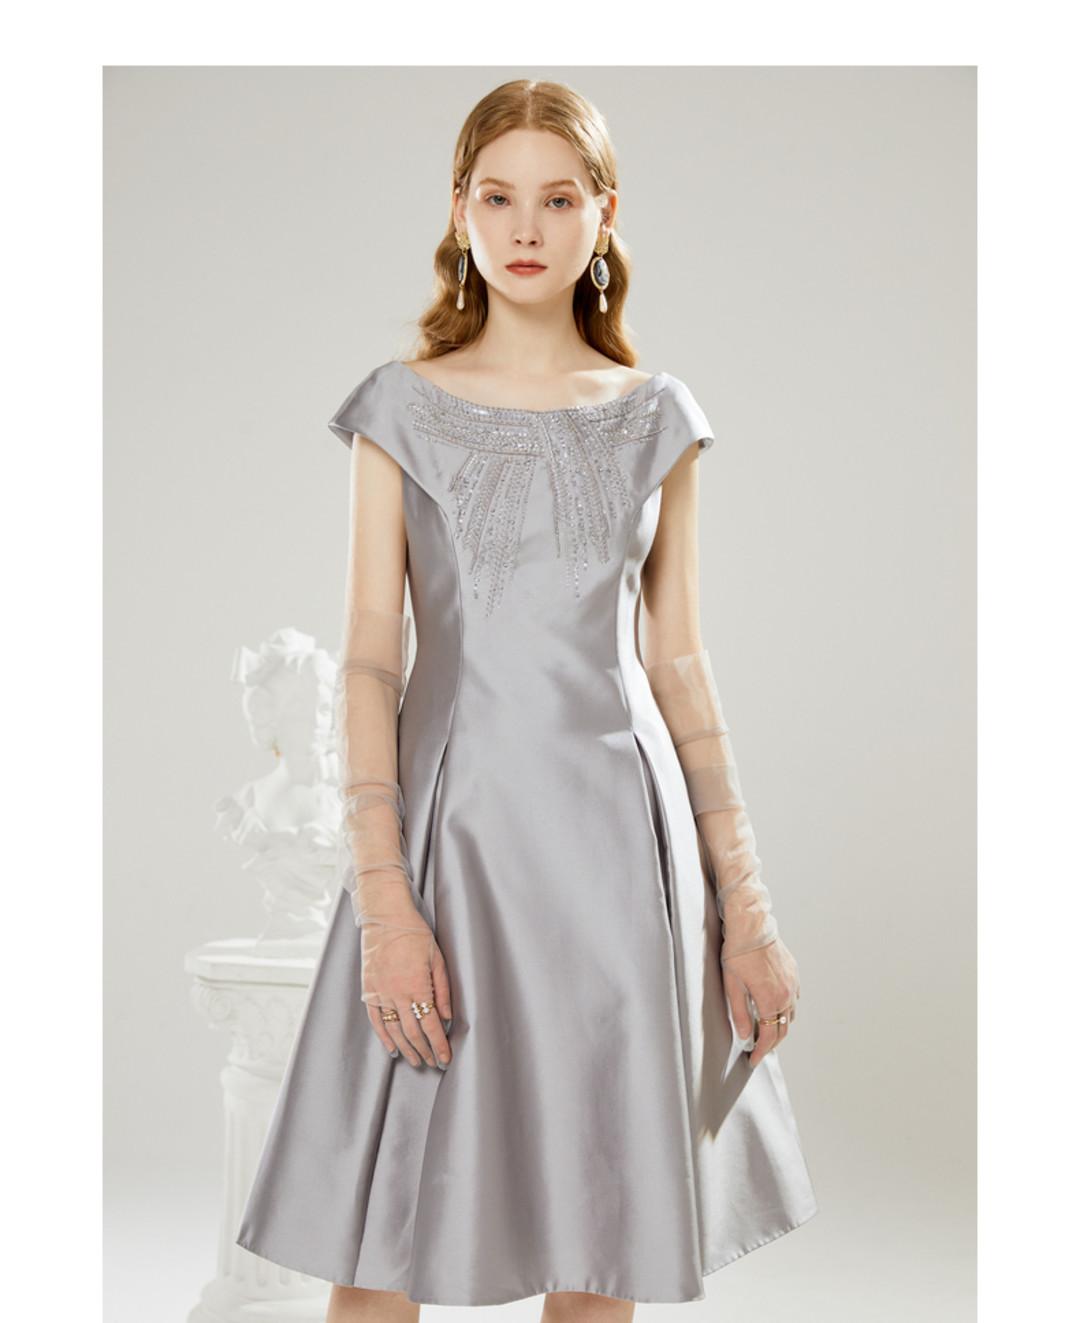 【好想全部吃掉! (๑>///<๑)♥】当法式裙遇到旗袍,总是忍不住想多看几眼!~~~~~~